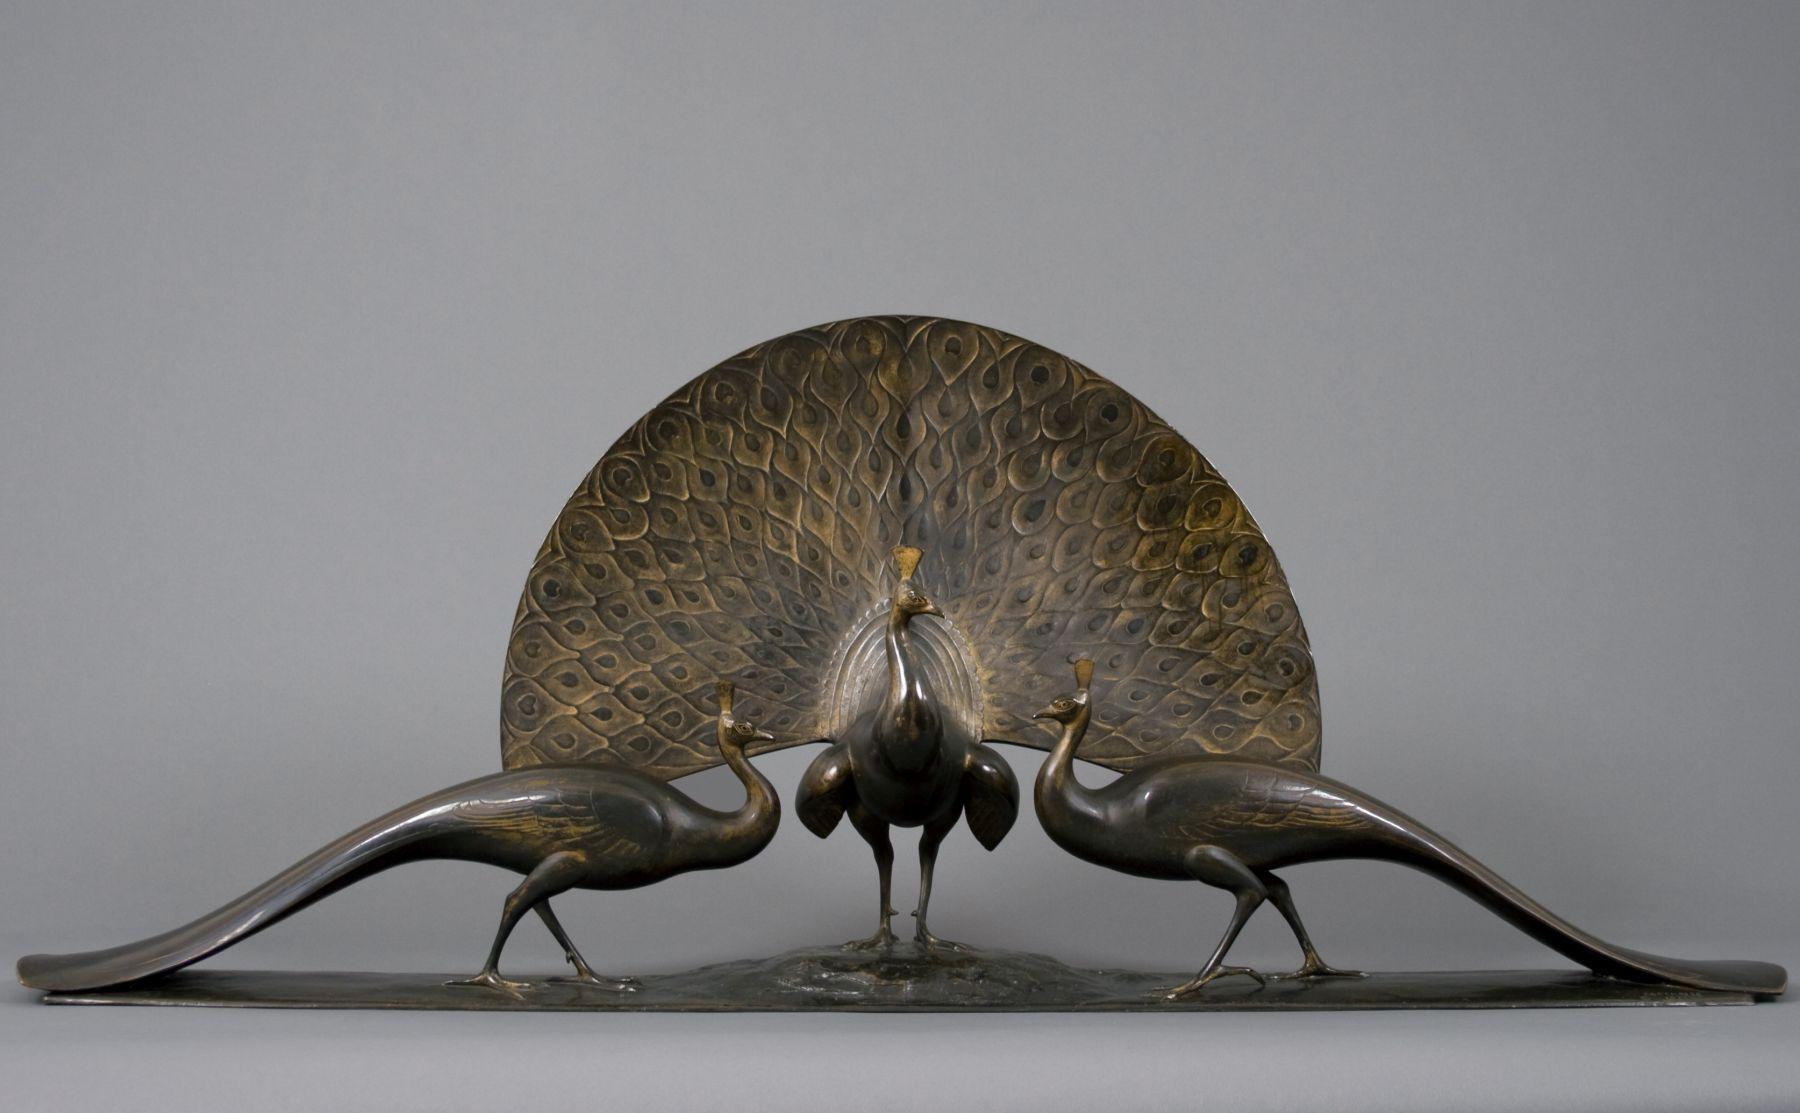 Gaston Lachaise, Peacocks, 1922, bronze, 22 1/2 x 53 x 7 1/2 inches